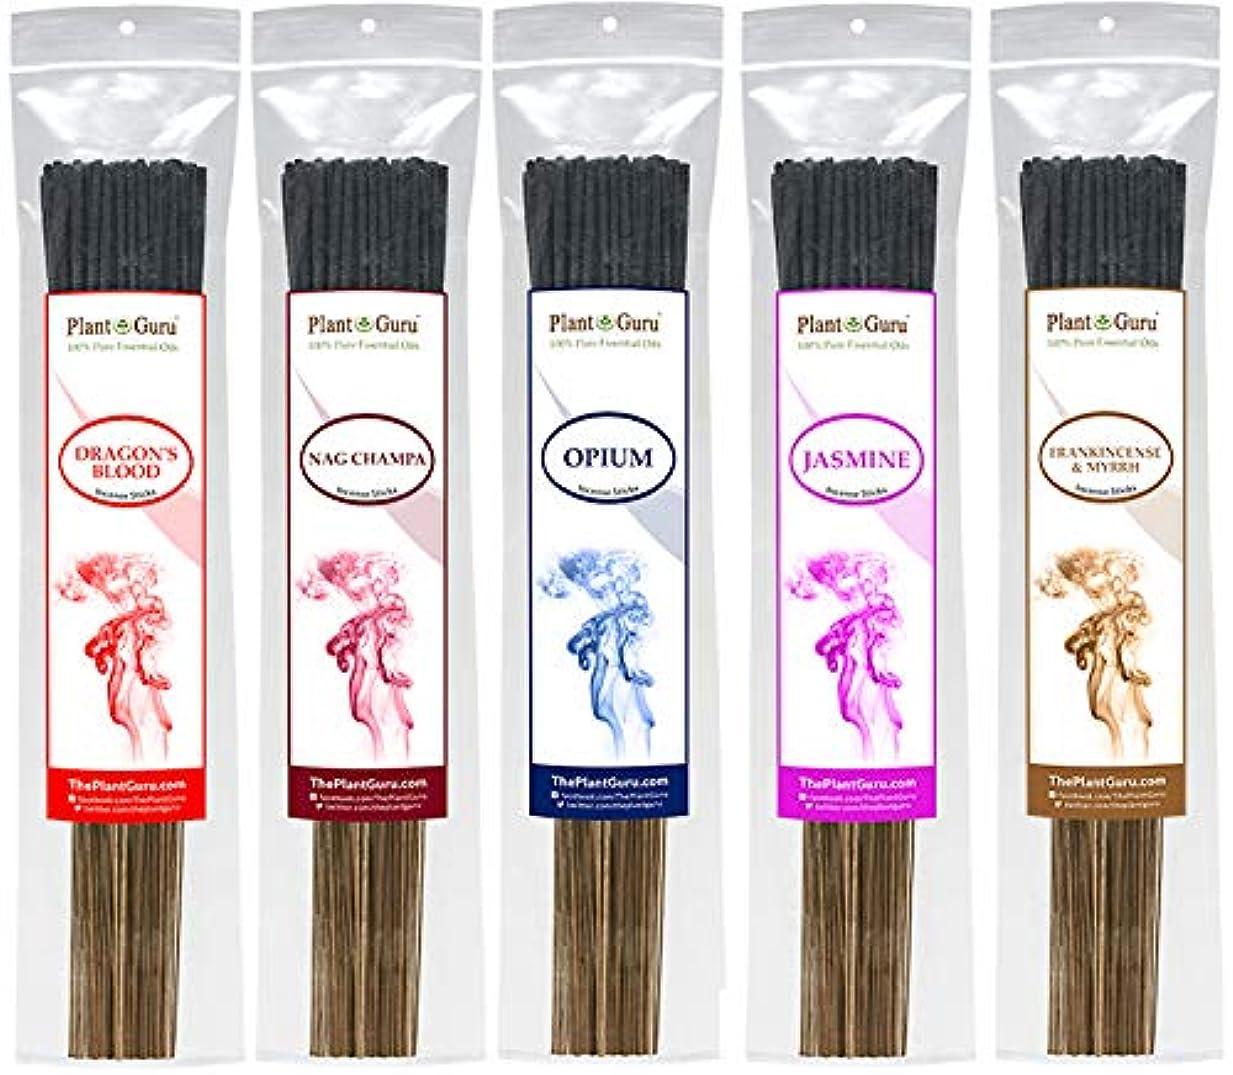 倒産ミュージカルプリーツIncenseサンプラーセットエキゾチックIncense Sticks 925グラムスティック数合計425 to 500 Sticksプレミアム品質Smooth Clean Burn各スティックは10.5インチ長Burn...